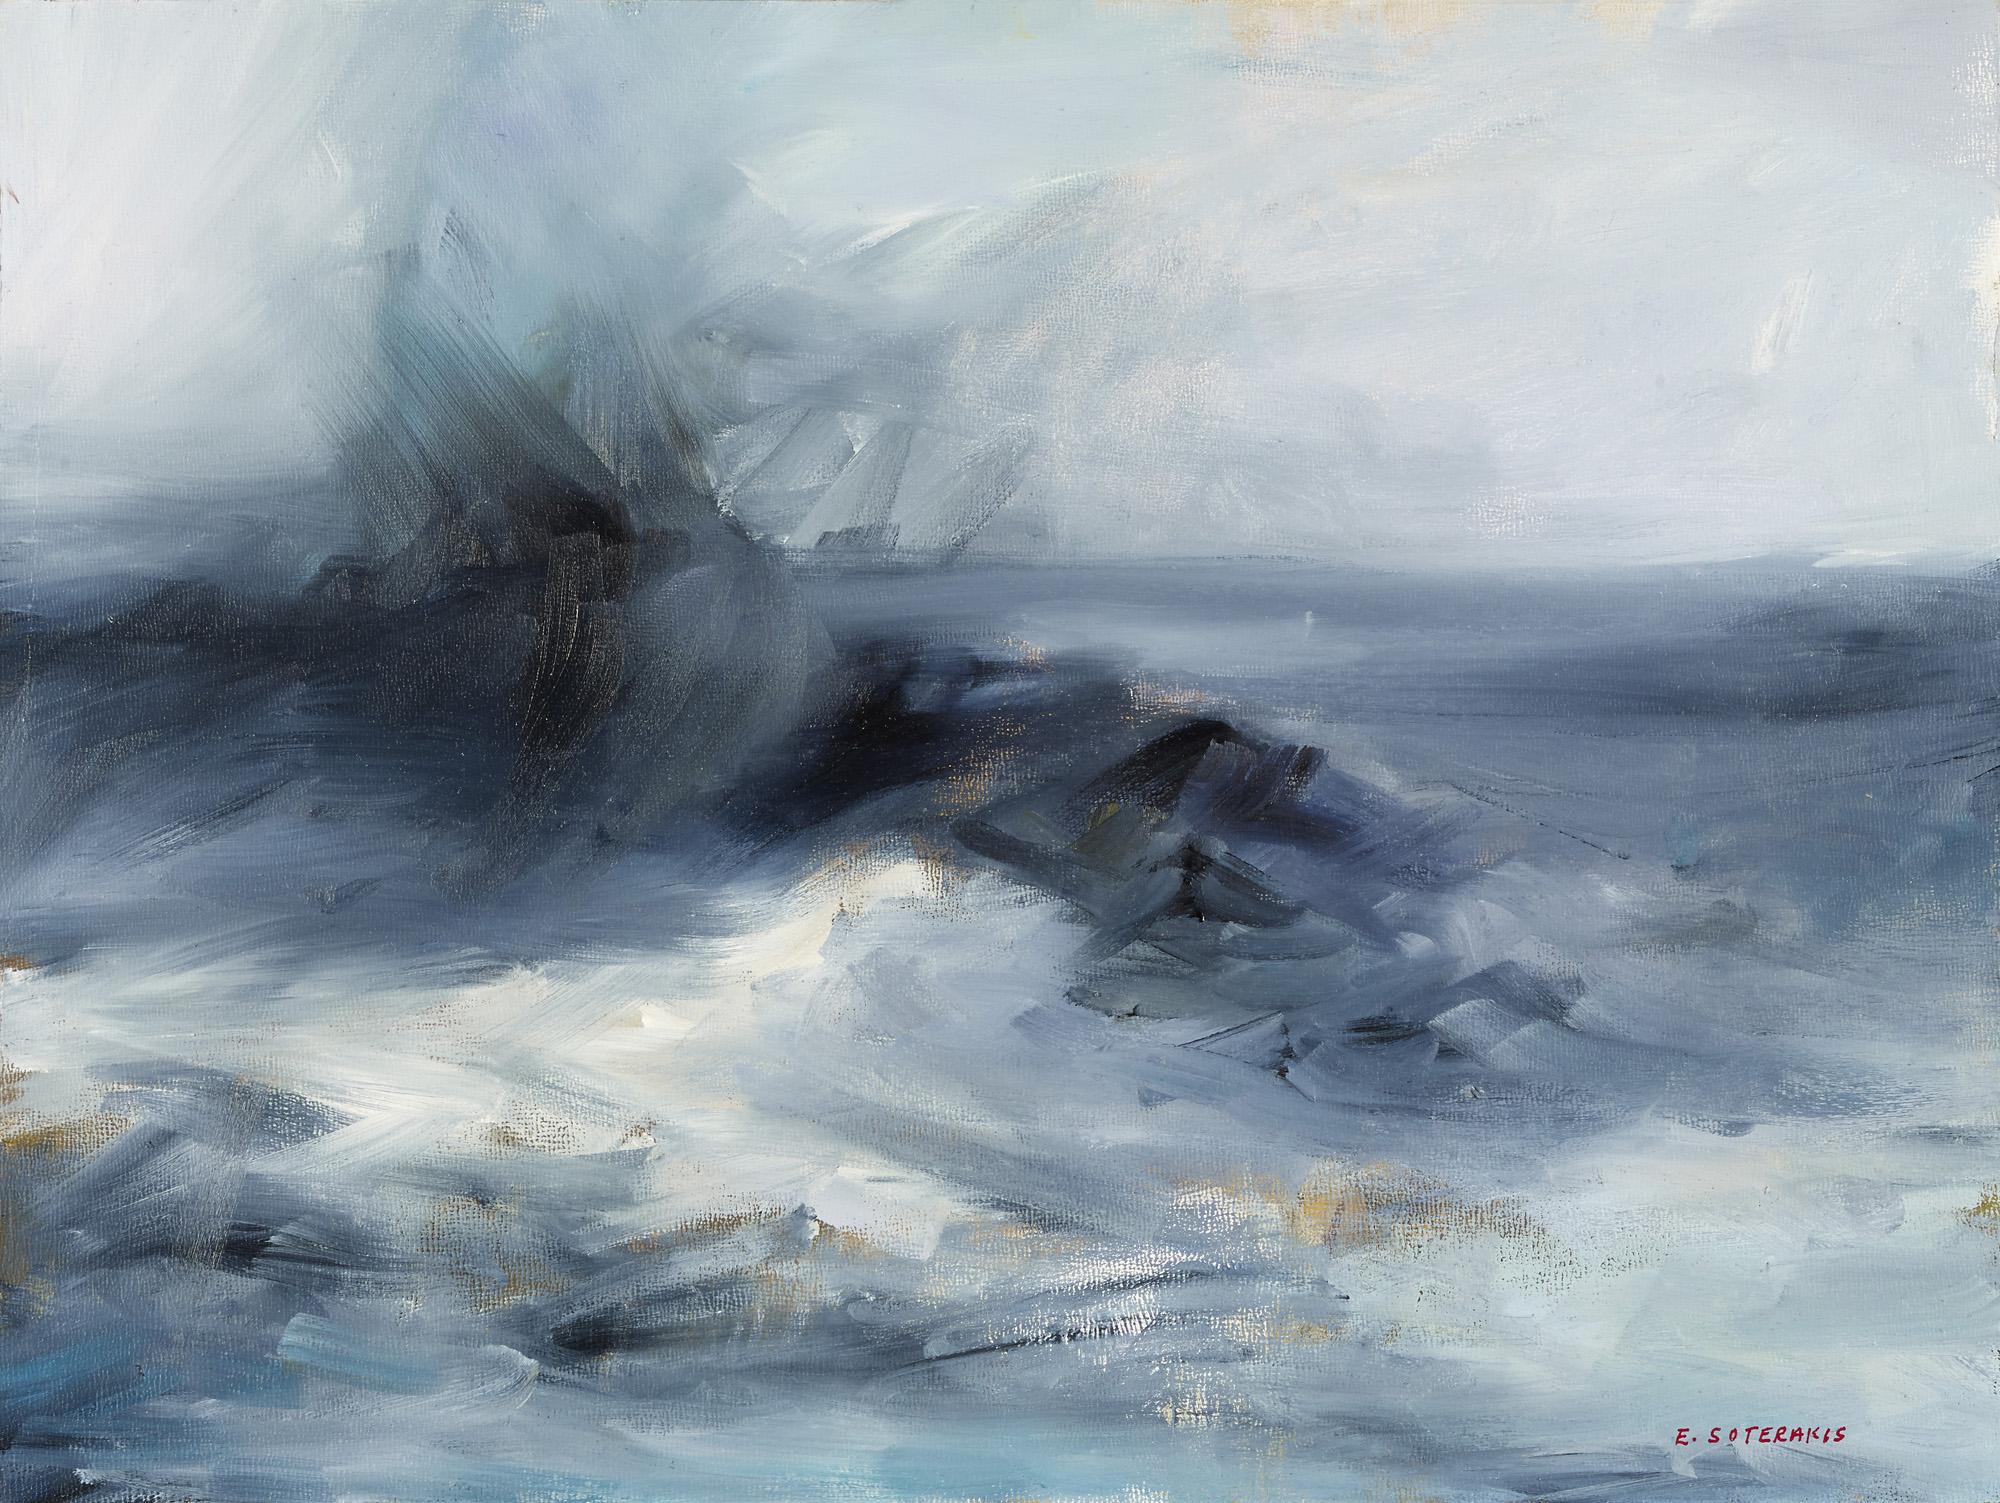 Tumultuous Seas, #1, 2013 oil on panel 11 x 14 in.